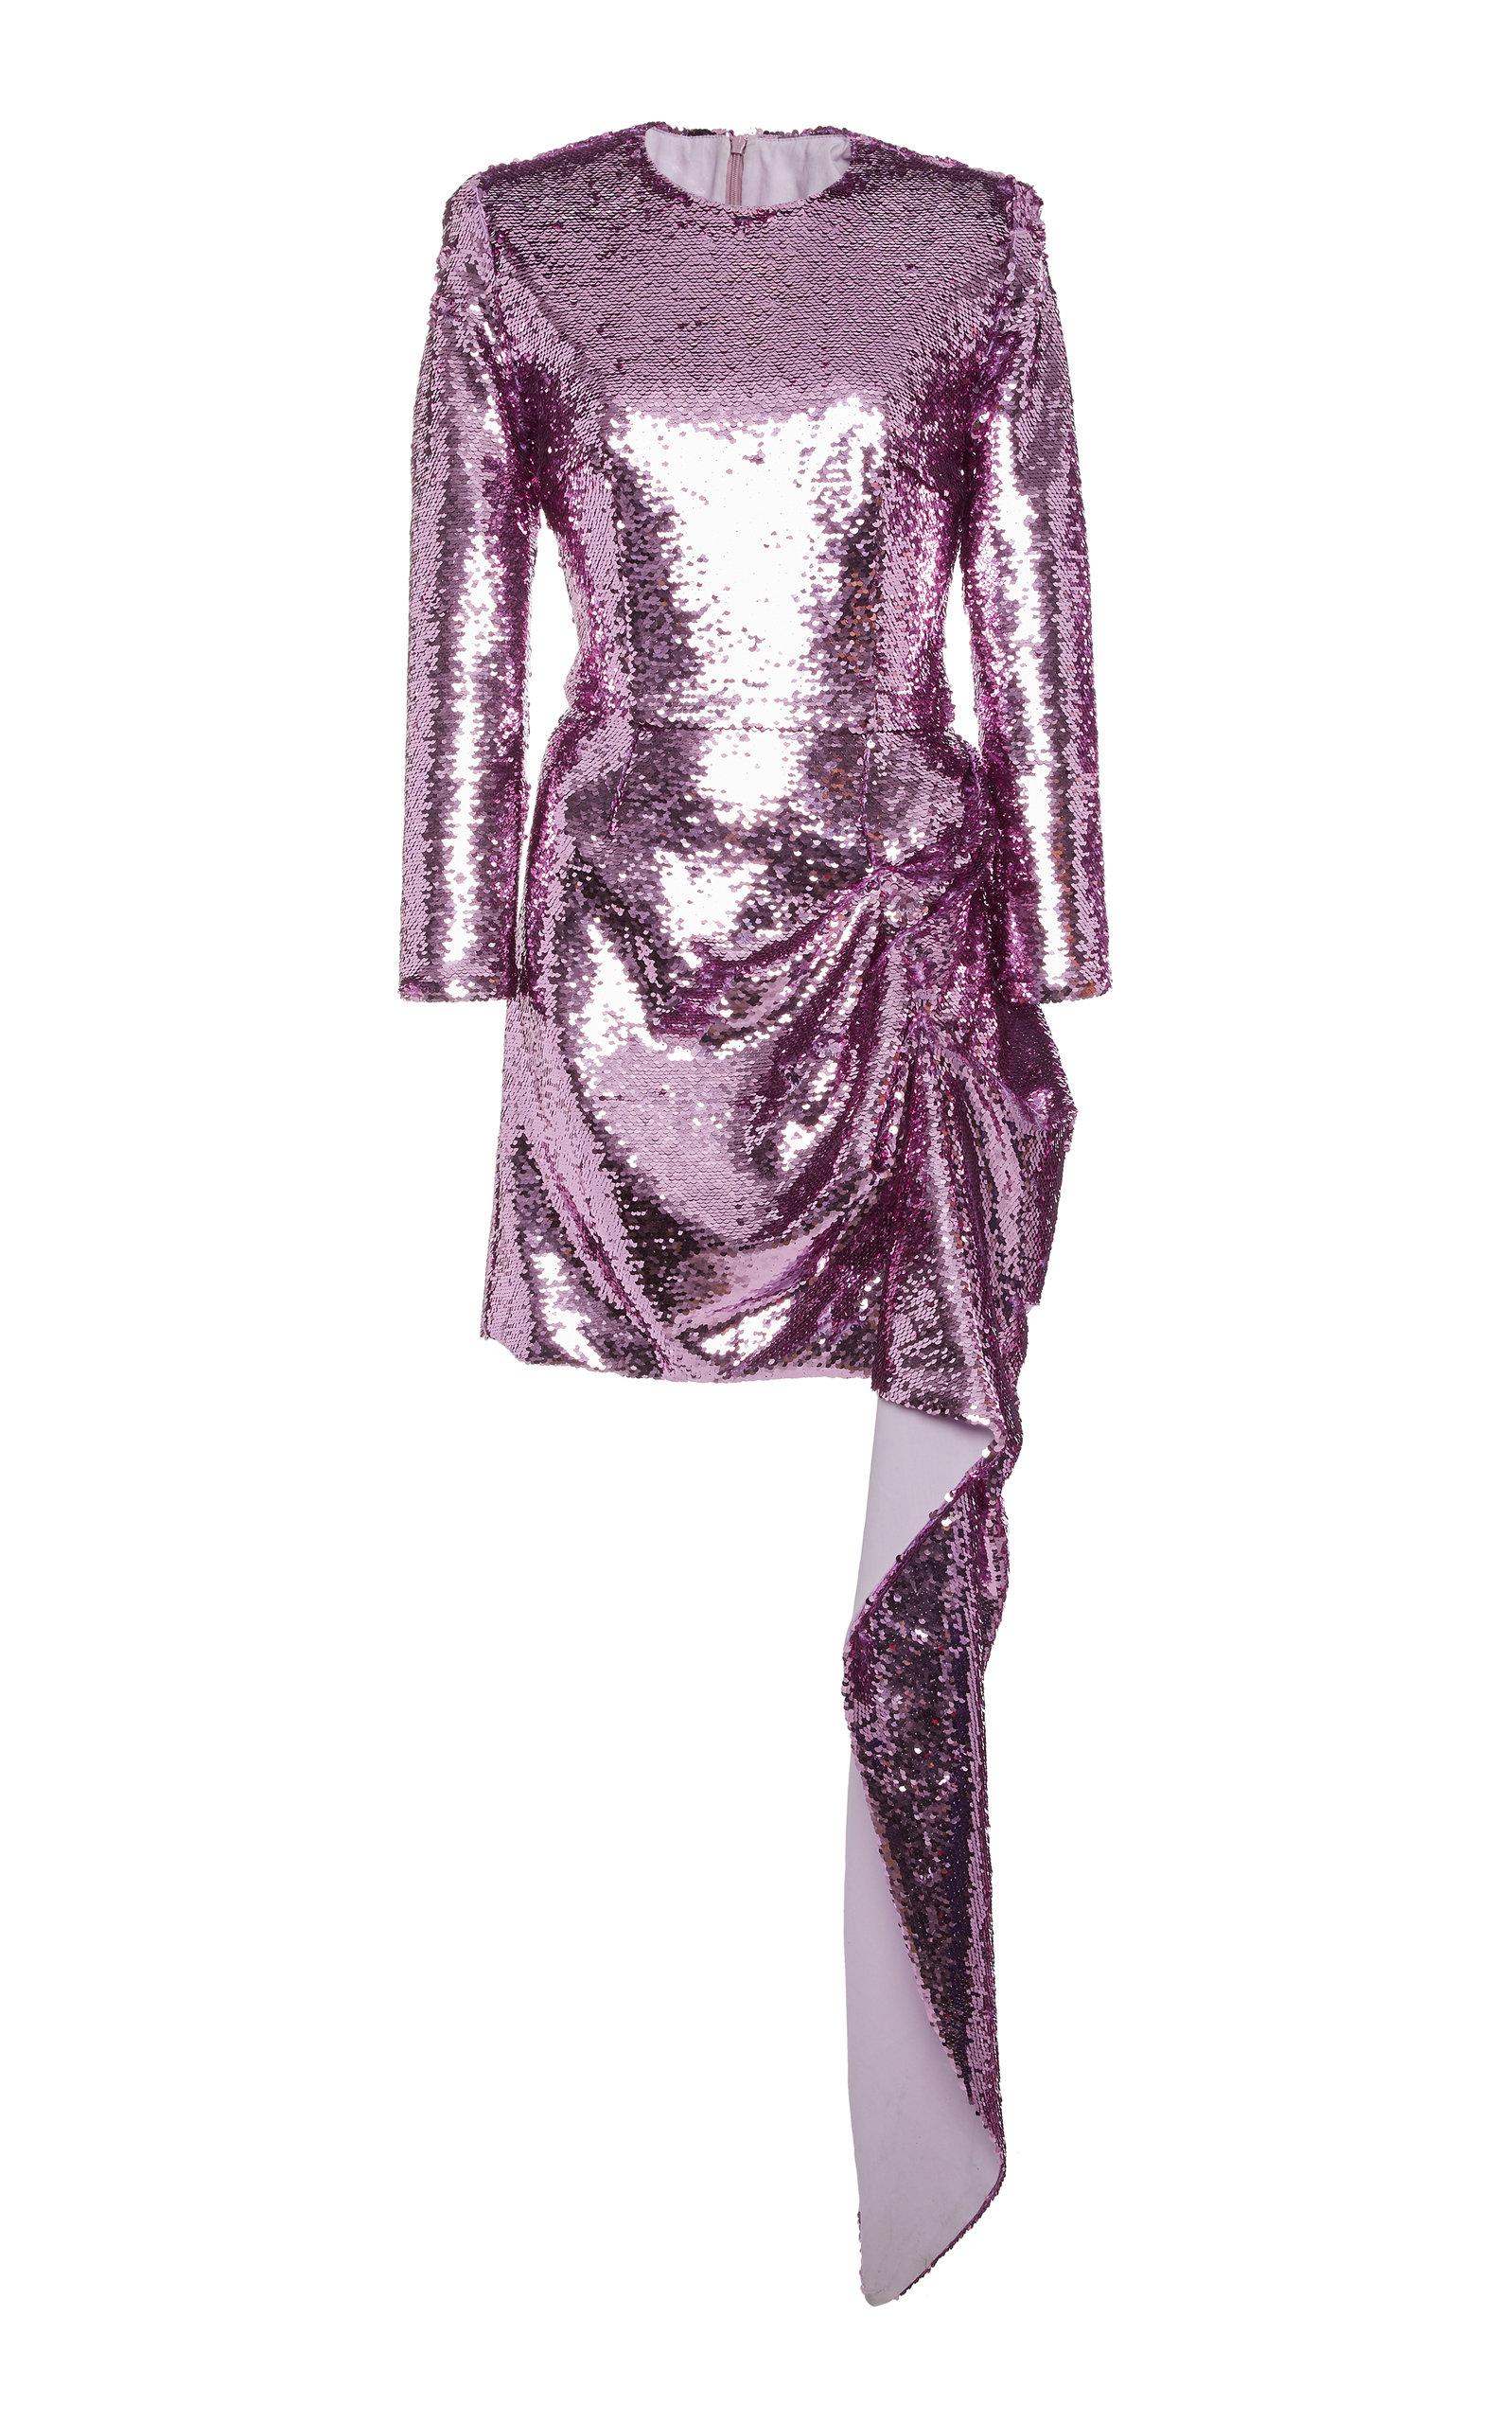 16ArlingtonRuched Sequin Dress. CLOSE. Loading d60b35051